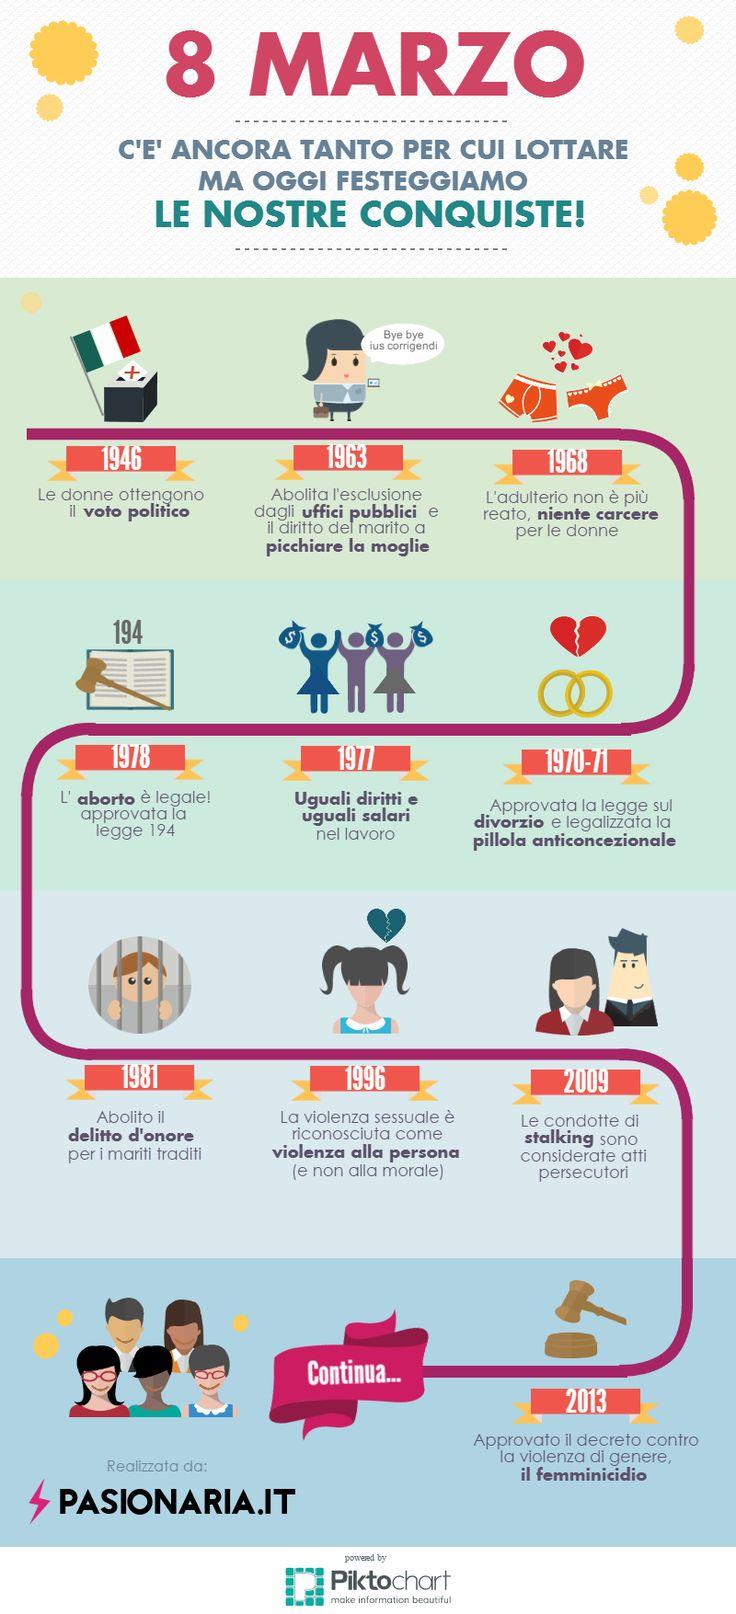 #8marzo: ecco perché continuare a lottare (in un'infografica)! #femminismo #feminism #pasionariaIT